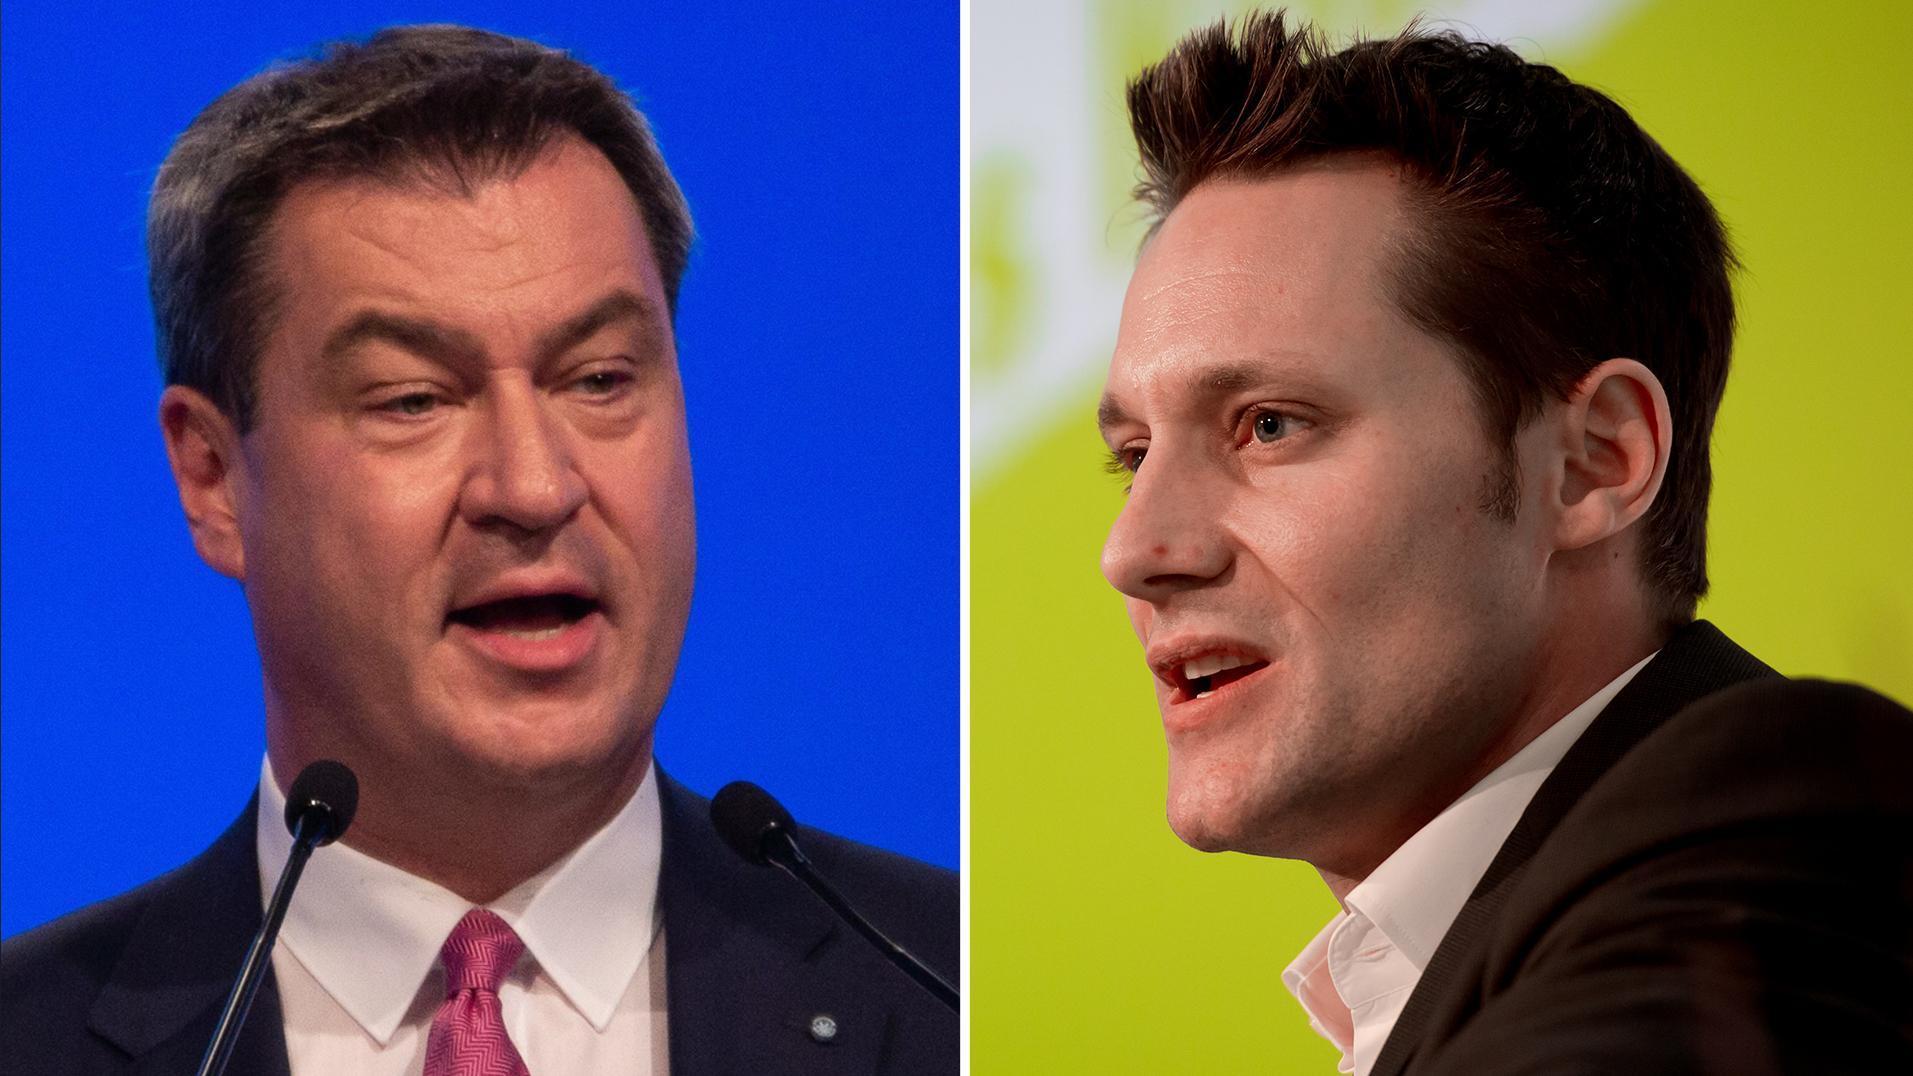 Der BR lädt am Mittwoch, 26. September 2018 um 20.15 Uhr, die Spitzenkandidaten von CSU und Bündnis90/Die Grünen, Markus Söder und Ludwig Hartmann, zum TV-Duell ein.